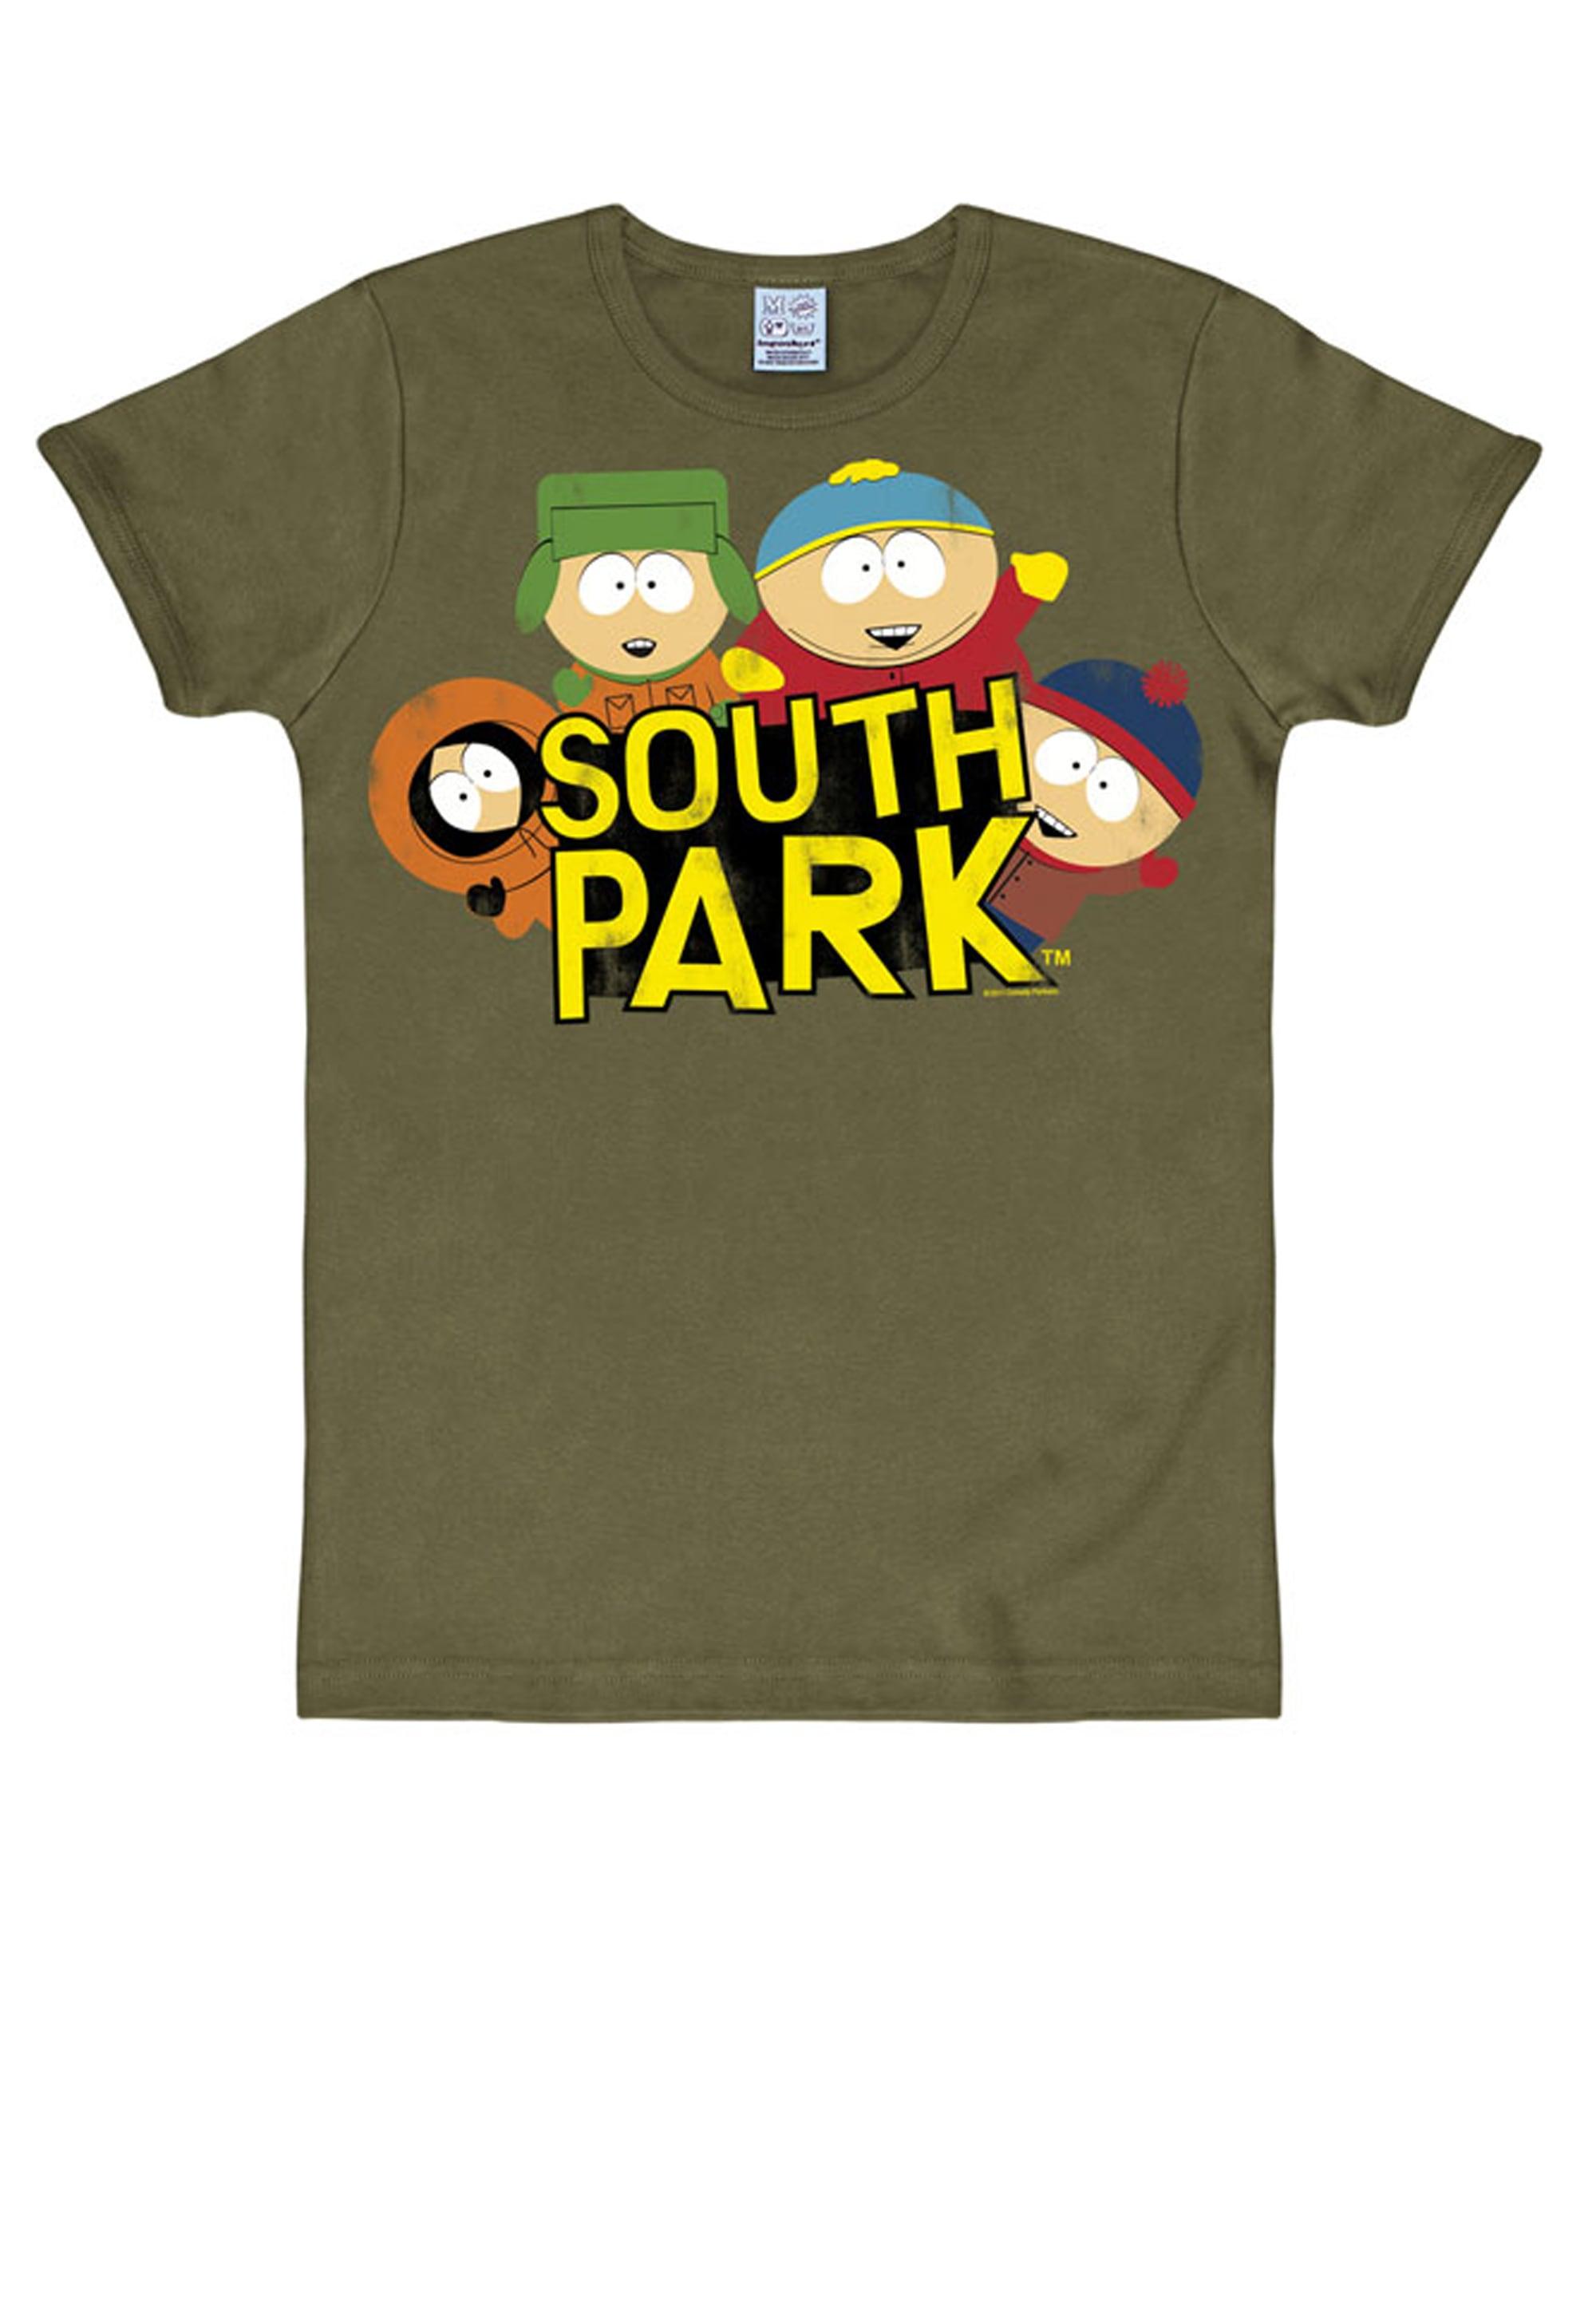 LOGOSHIRT T-Shirt mit witzigem Print South Park Herrenmode/Große Größen/Shirts